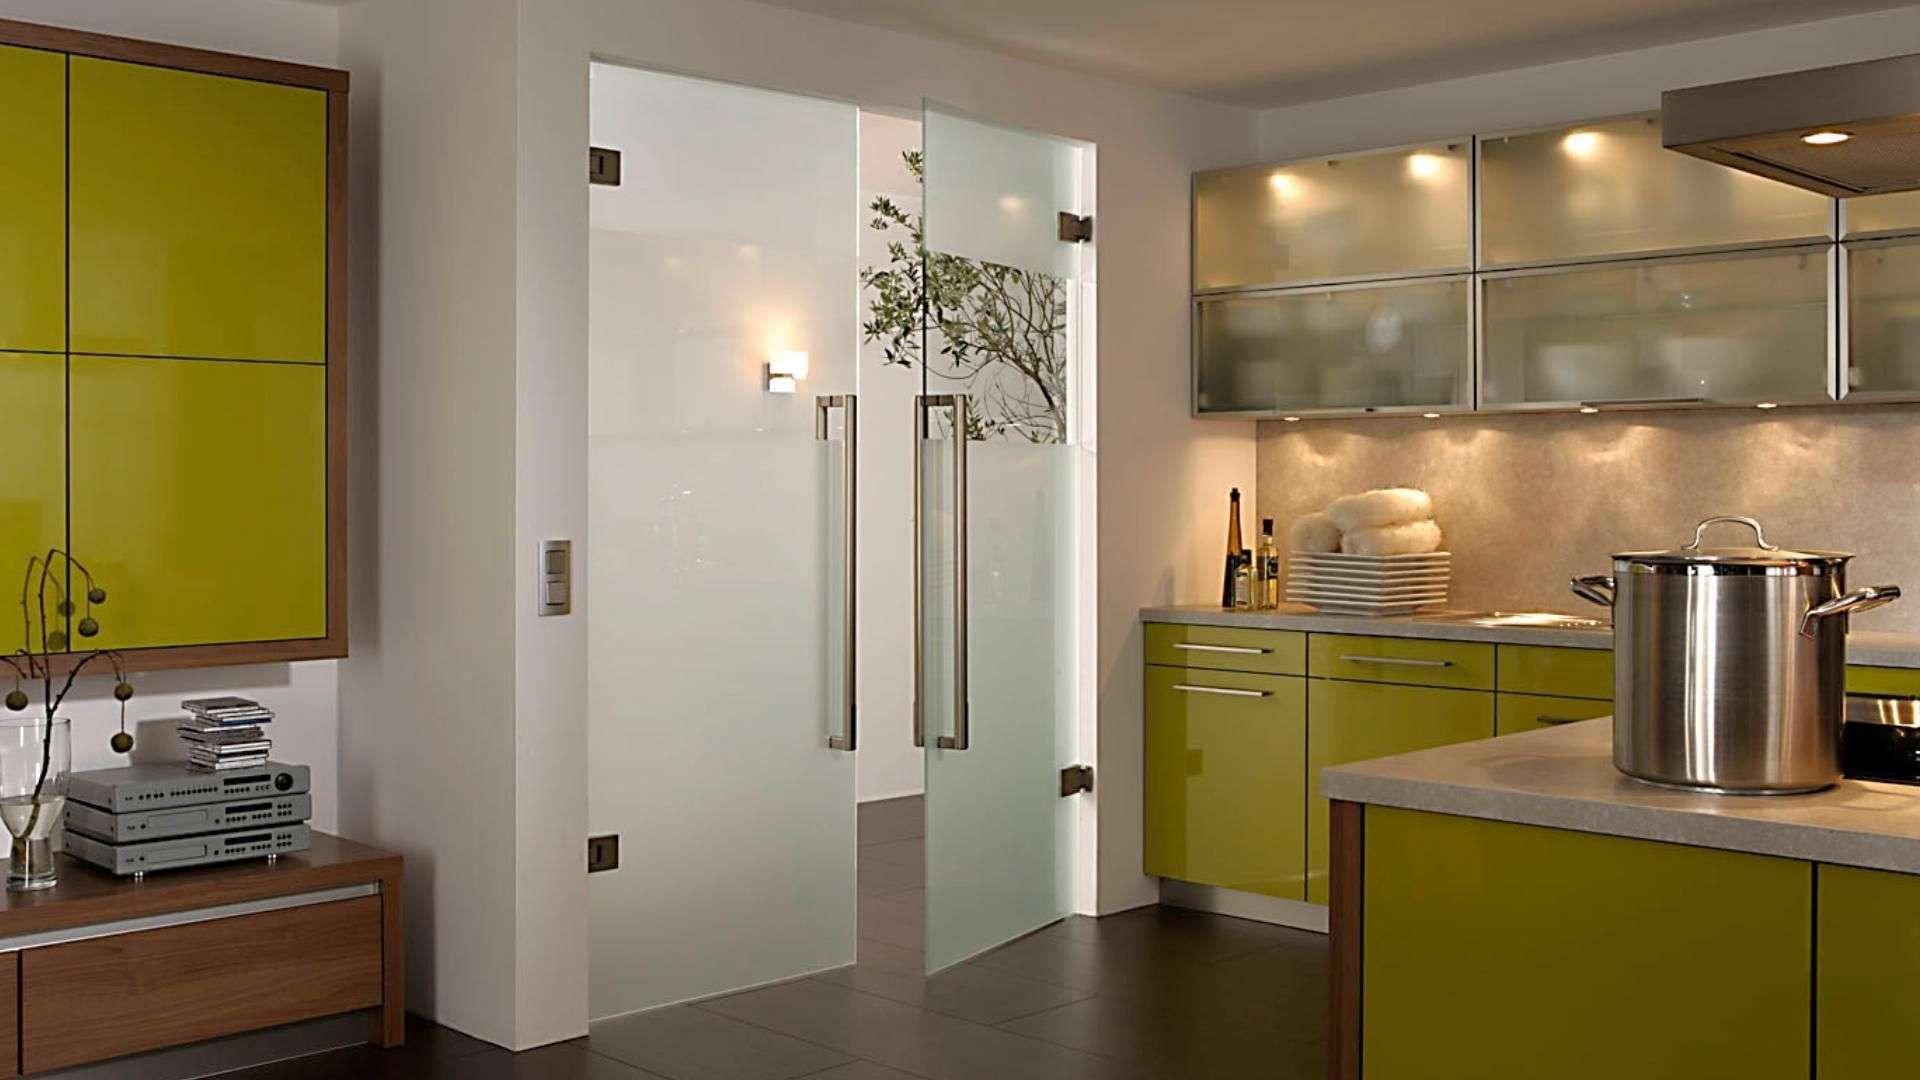 zwei Pendeltüre aus Glas in einer Küche